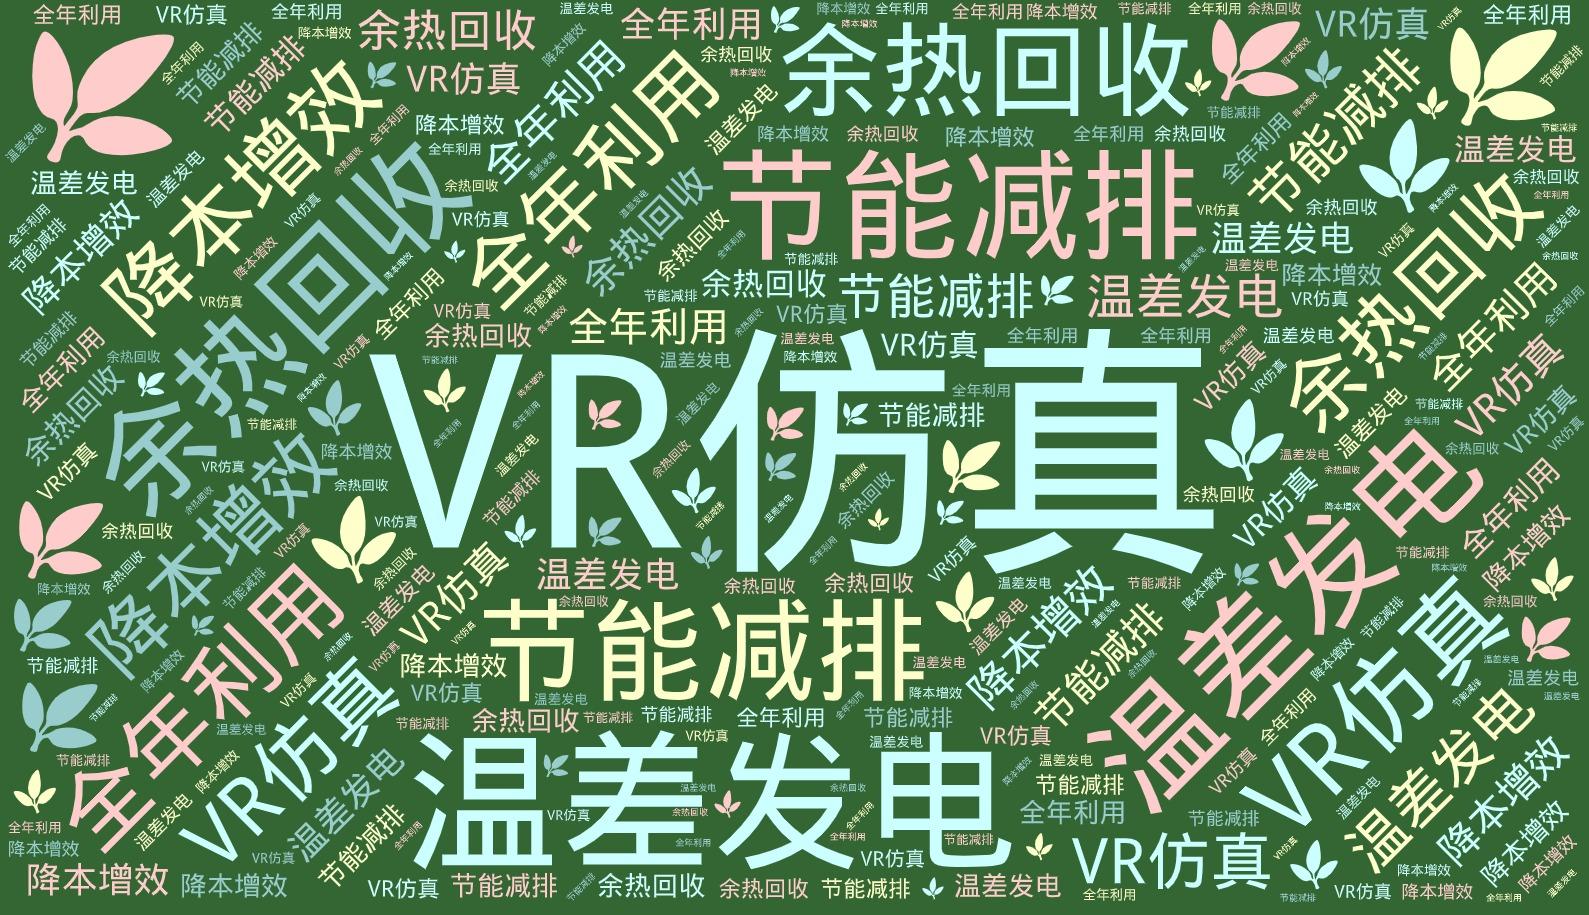 词云图,文字云图,VR仿真 温差发电 节能减排 余热回收 全年利用 降本增效 :herb: